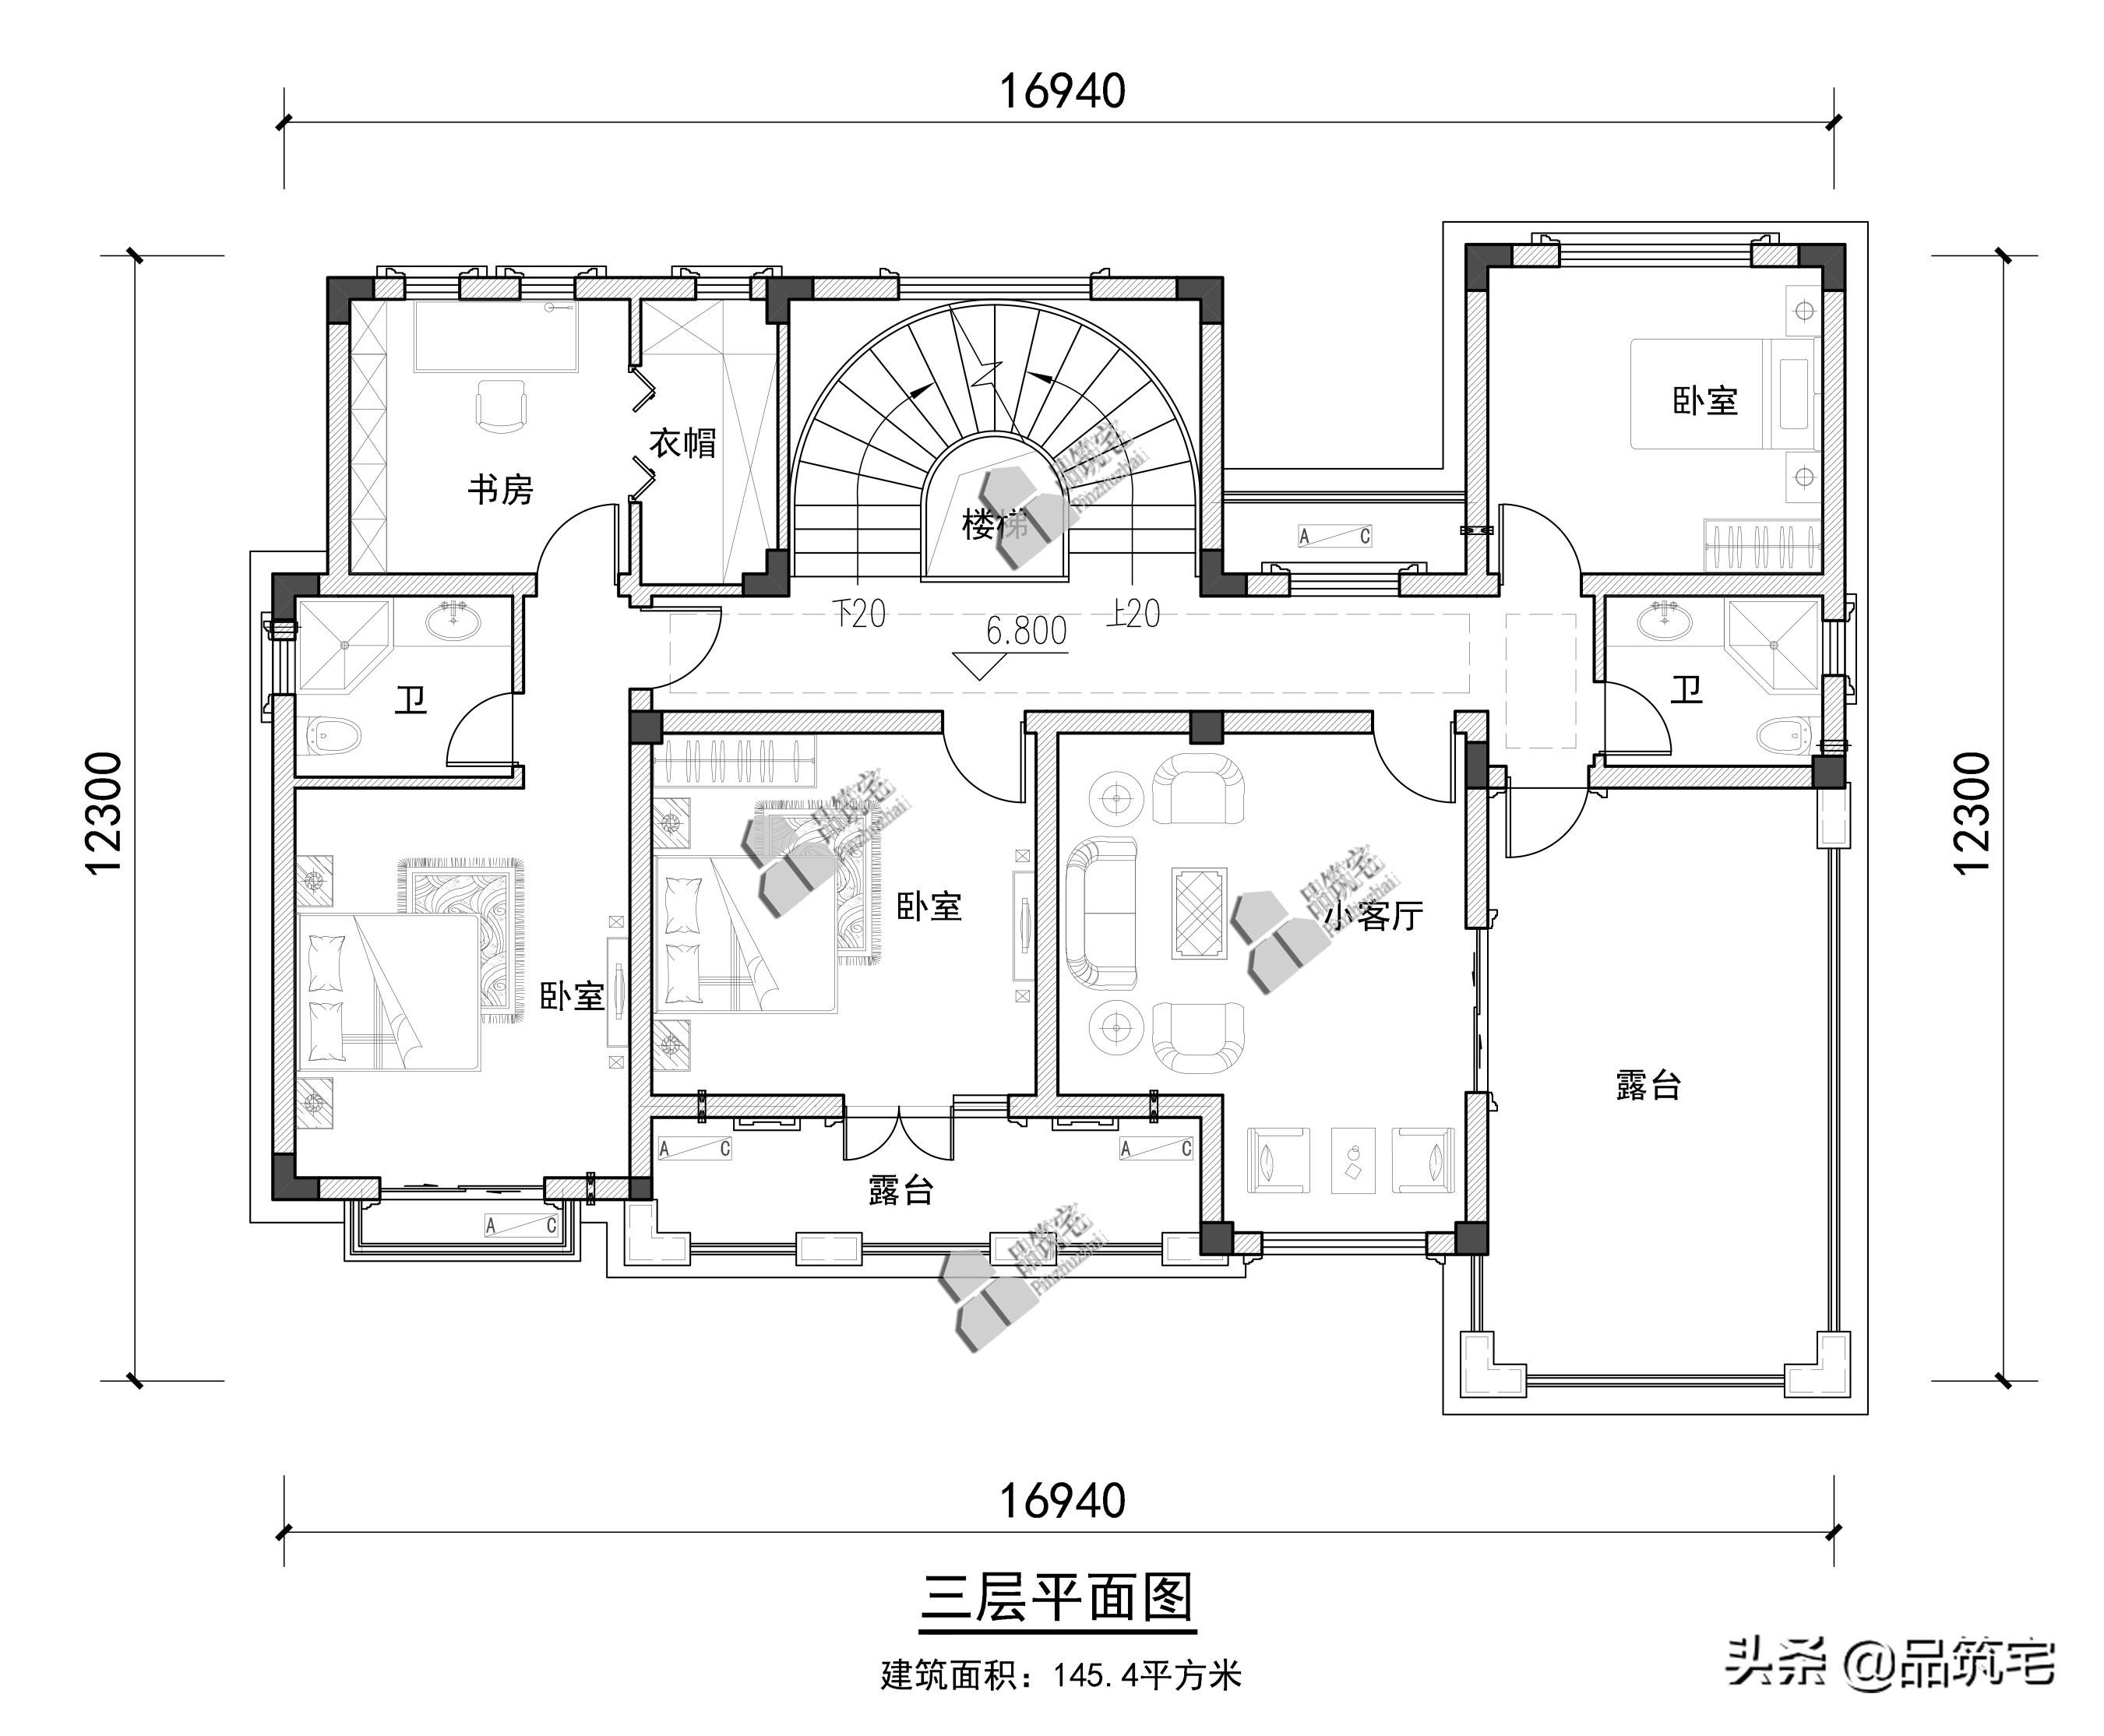 拥有超大庭院的三层新亚洲风格别院,由内而外的经典气派